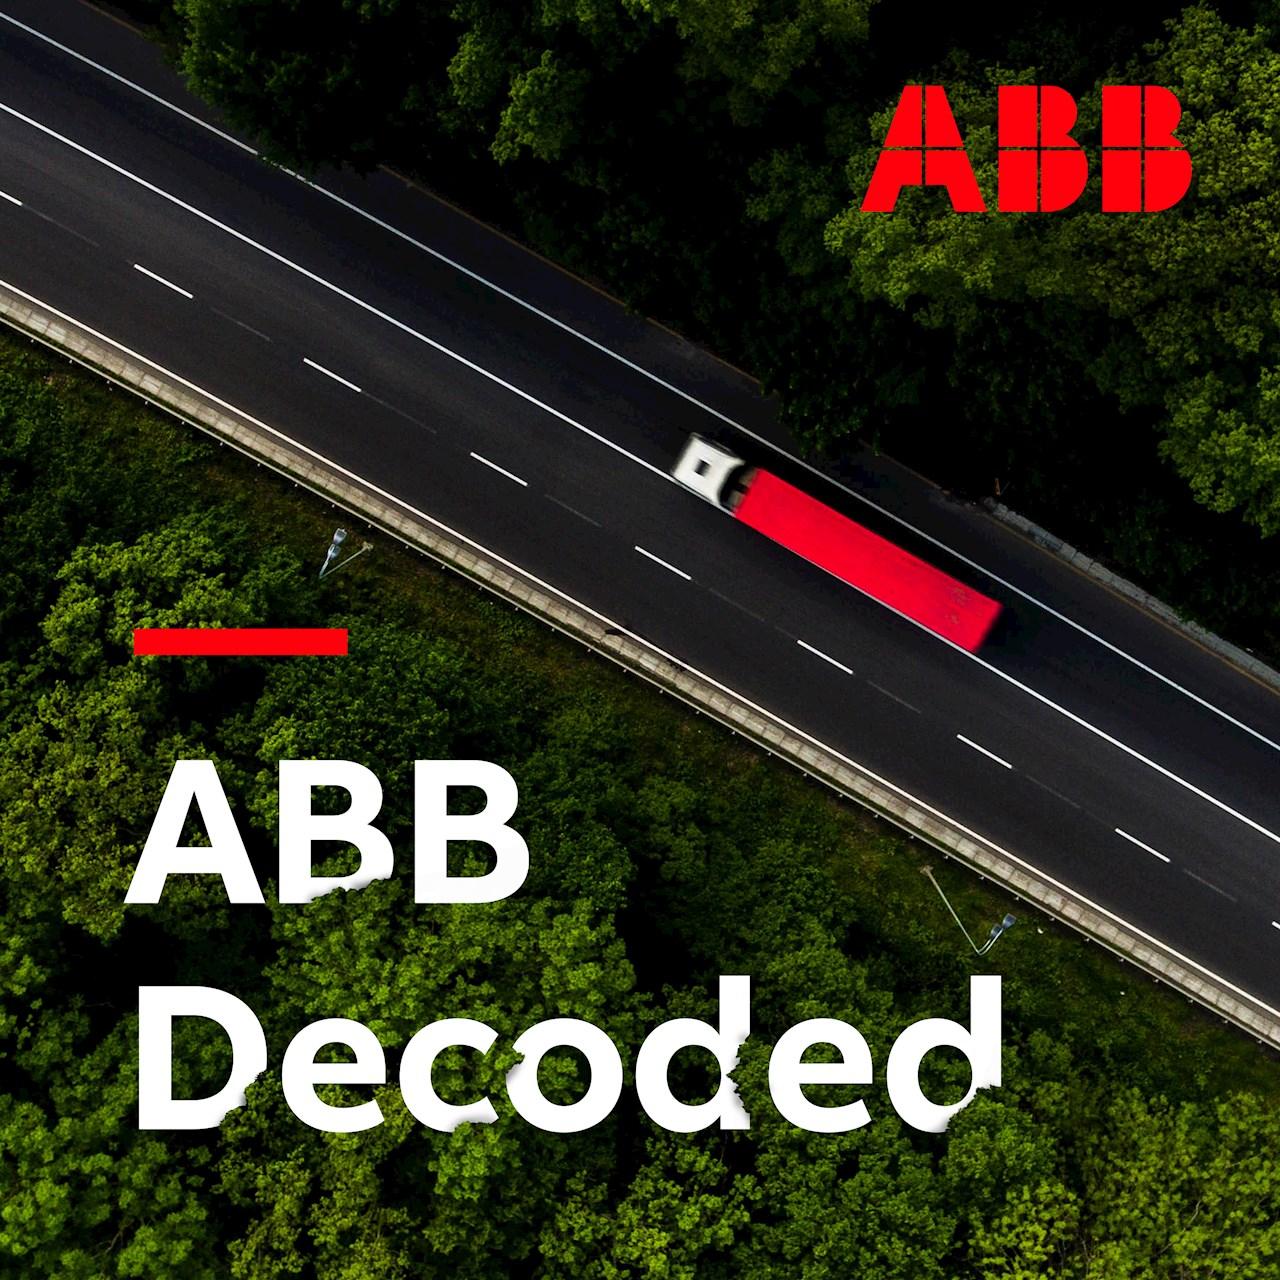 El último episodio del podcast en inglés ABB Decoded aborda la importancia de la electrificación de las flotas de vehículos.